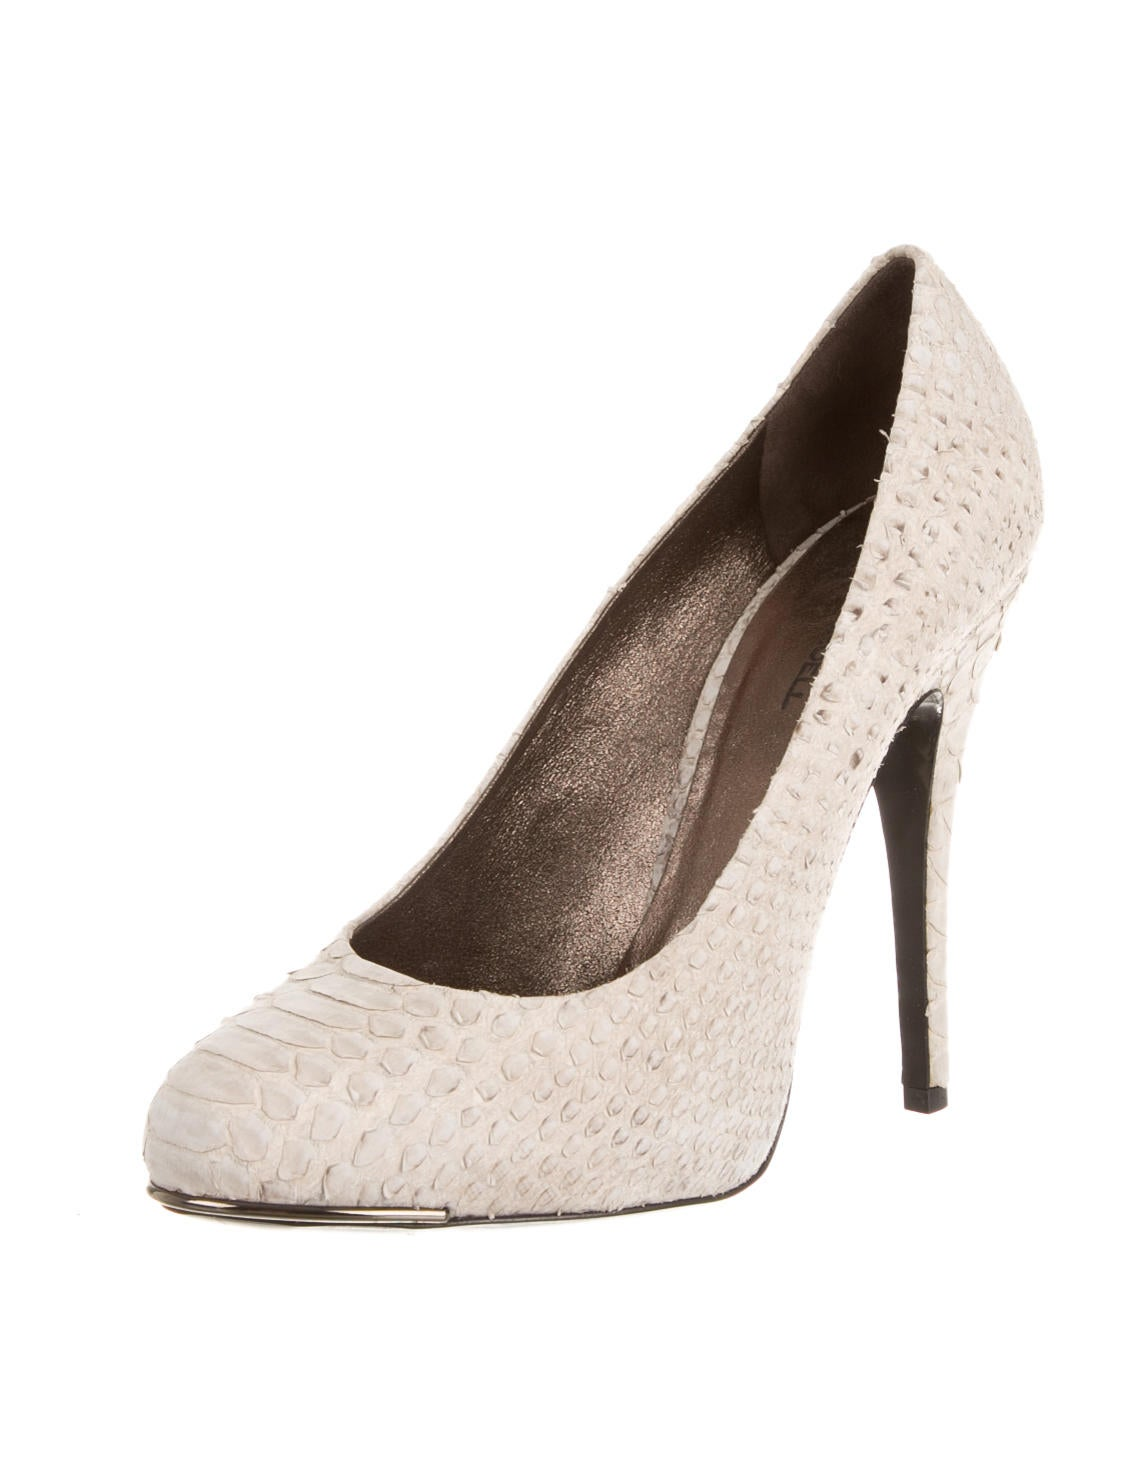 Devi Kroell Shoes Sale